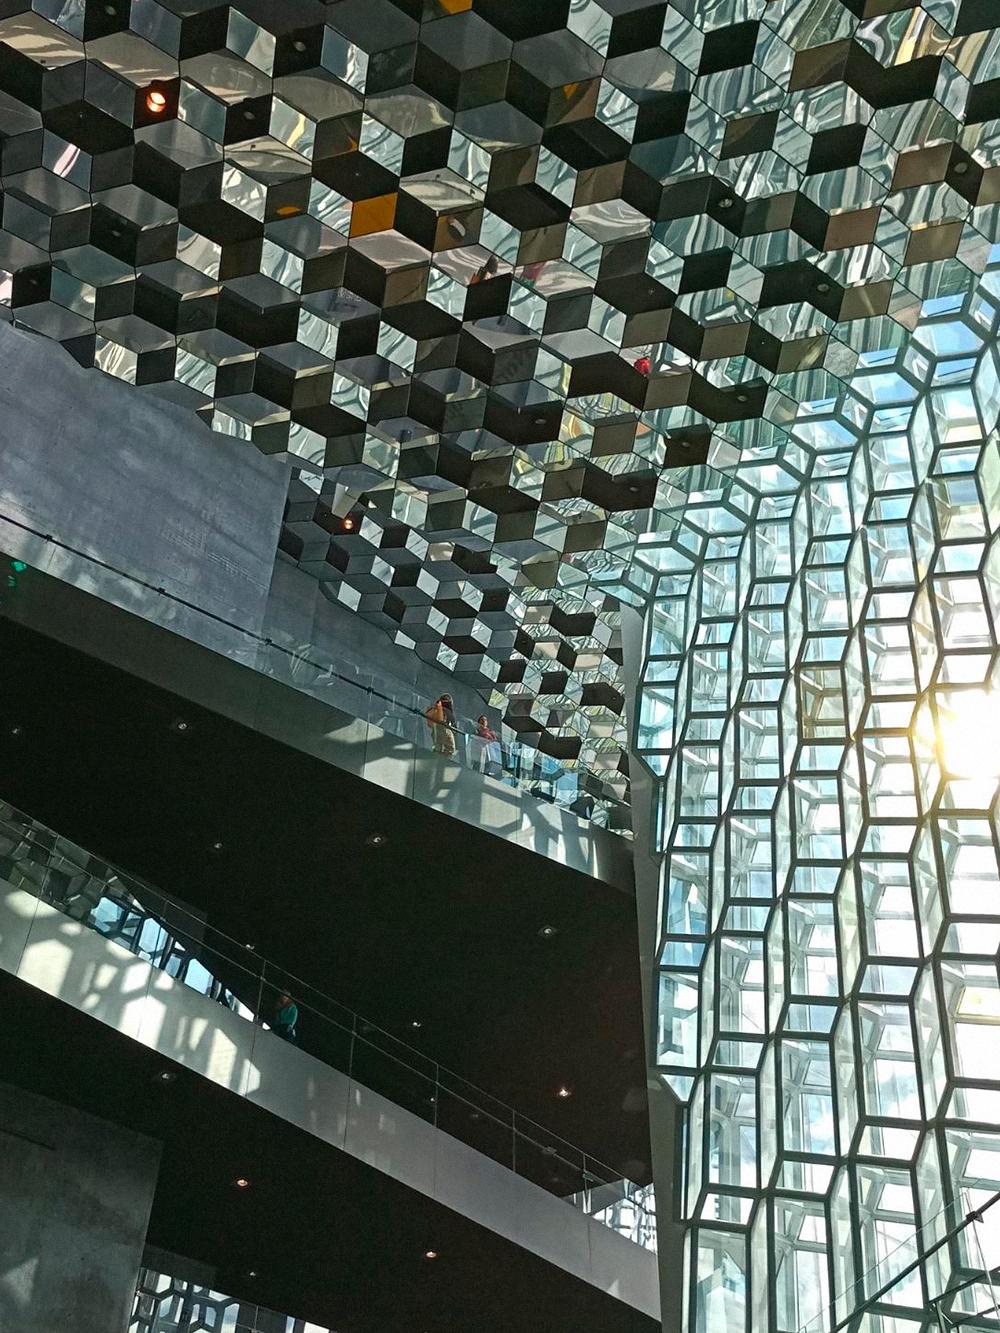 Снаружи концертный зал Харпы напоминает рыбацкую сеть, до отказа набитую сверкающей на солнце рыбой, а внутри он похож на зеркальный улей